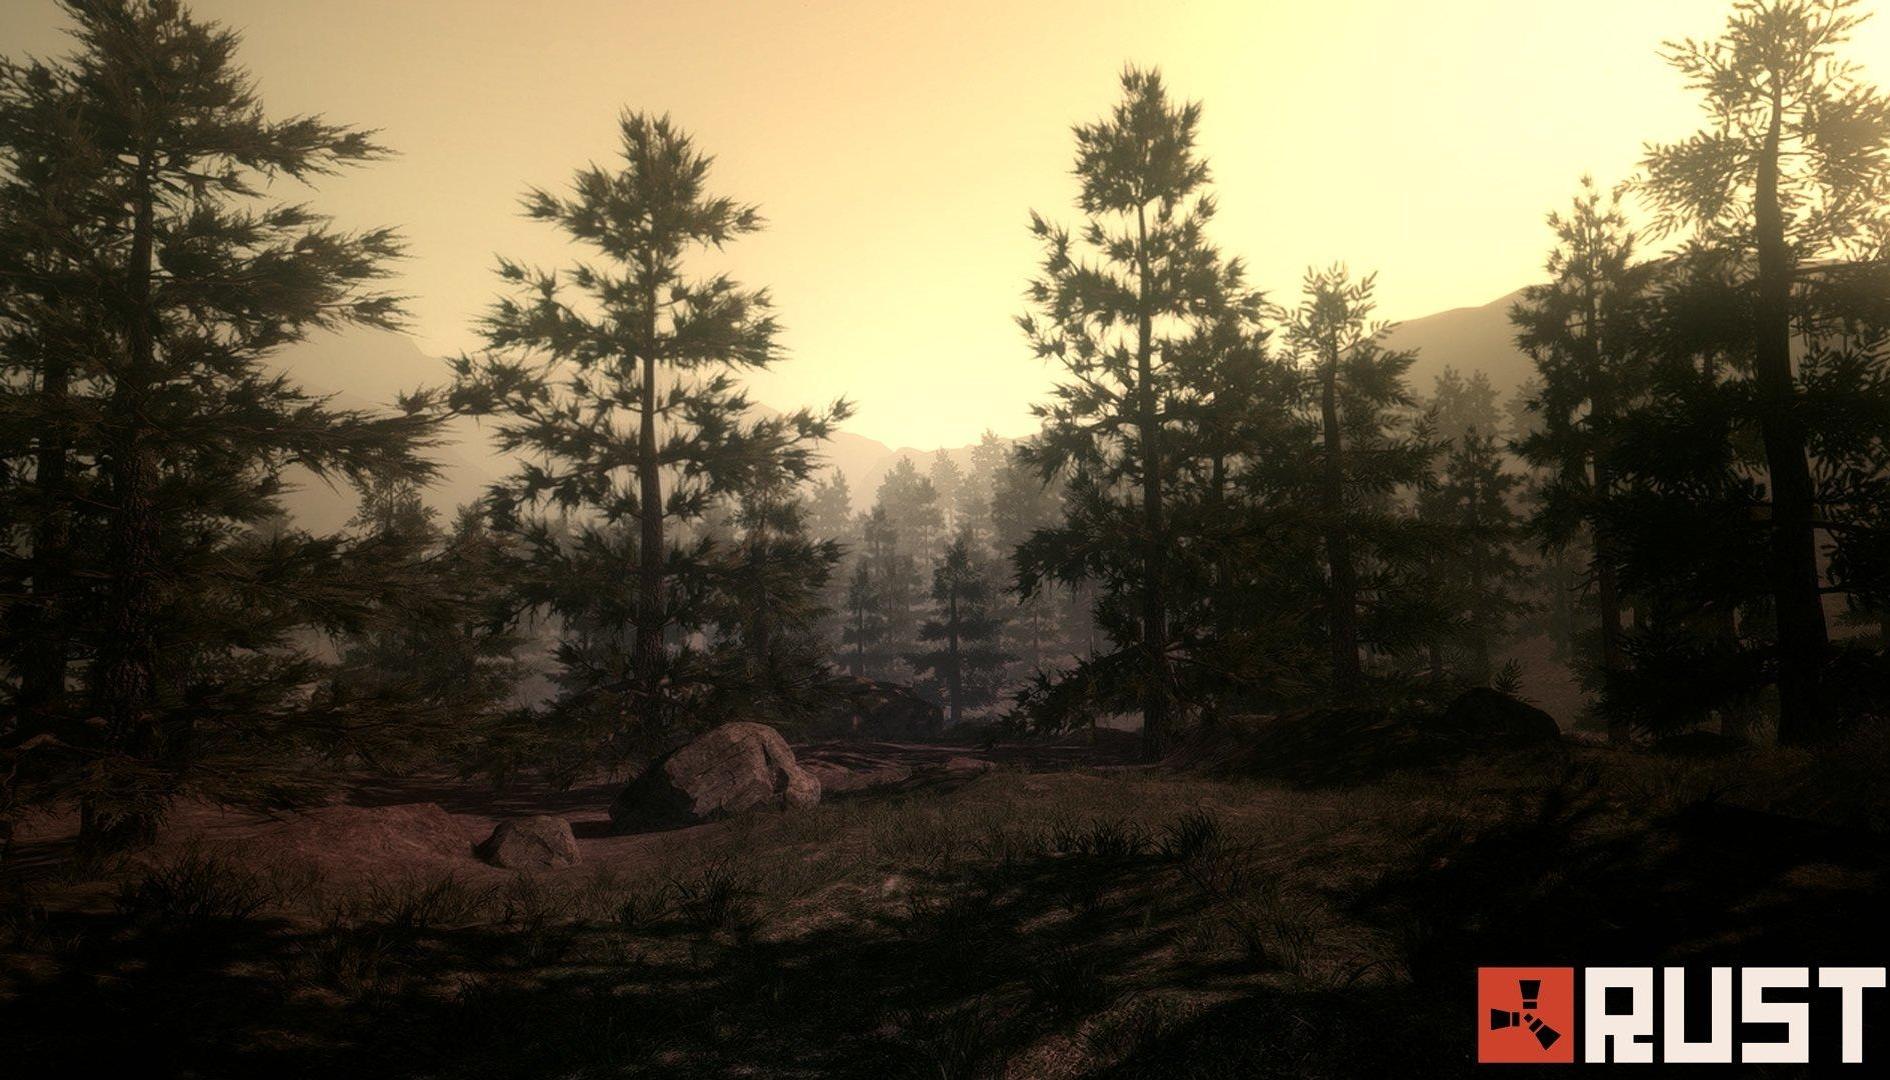 Rust: non solo PS4 e Xbox One, uscirà anche su PS5 e Xbox Series X|S?